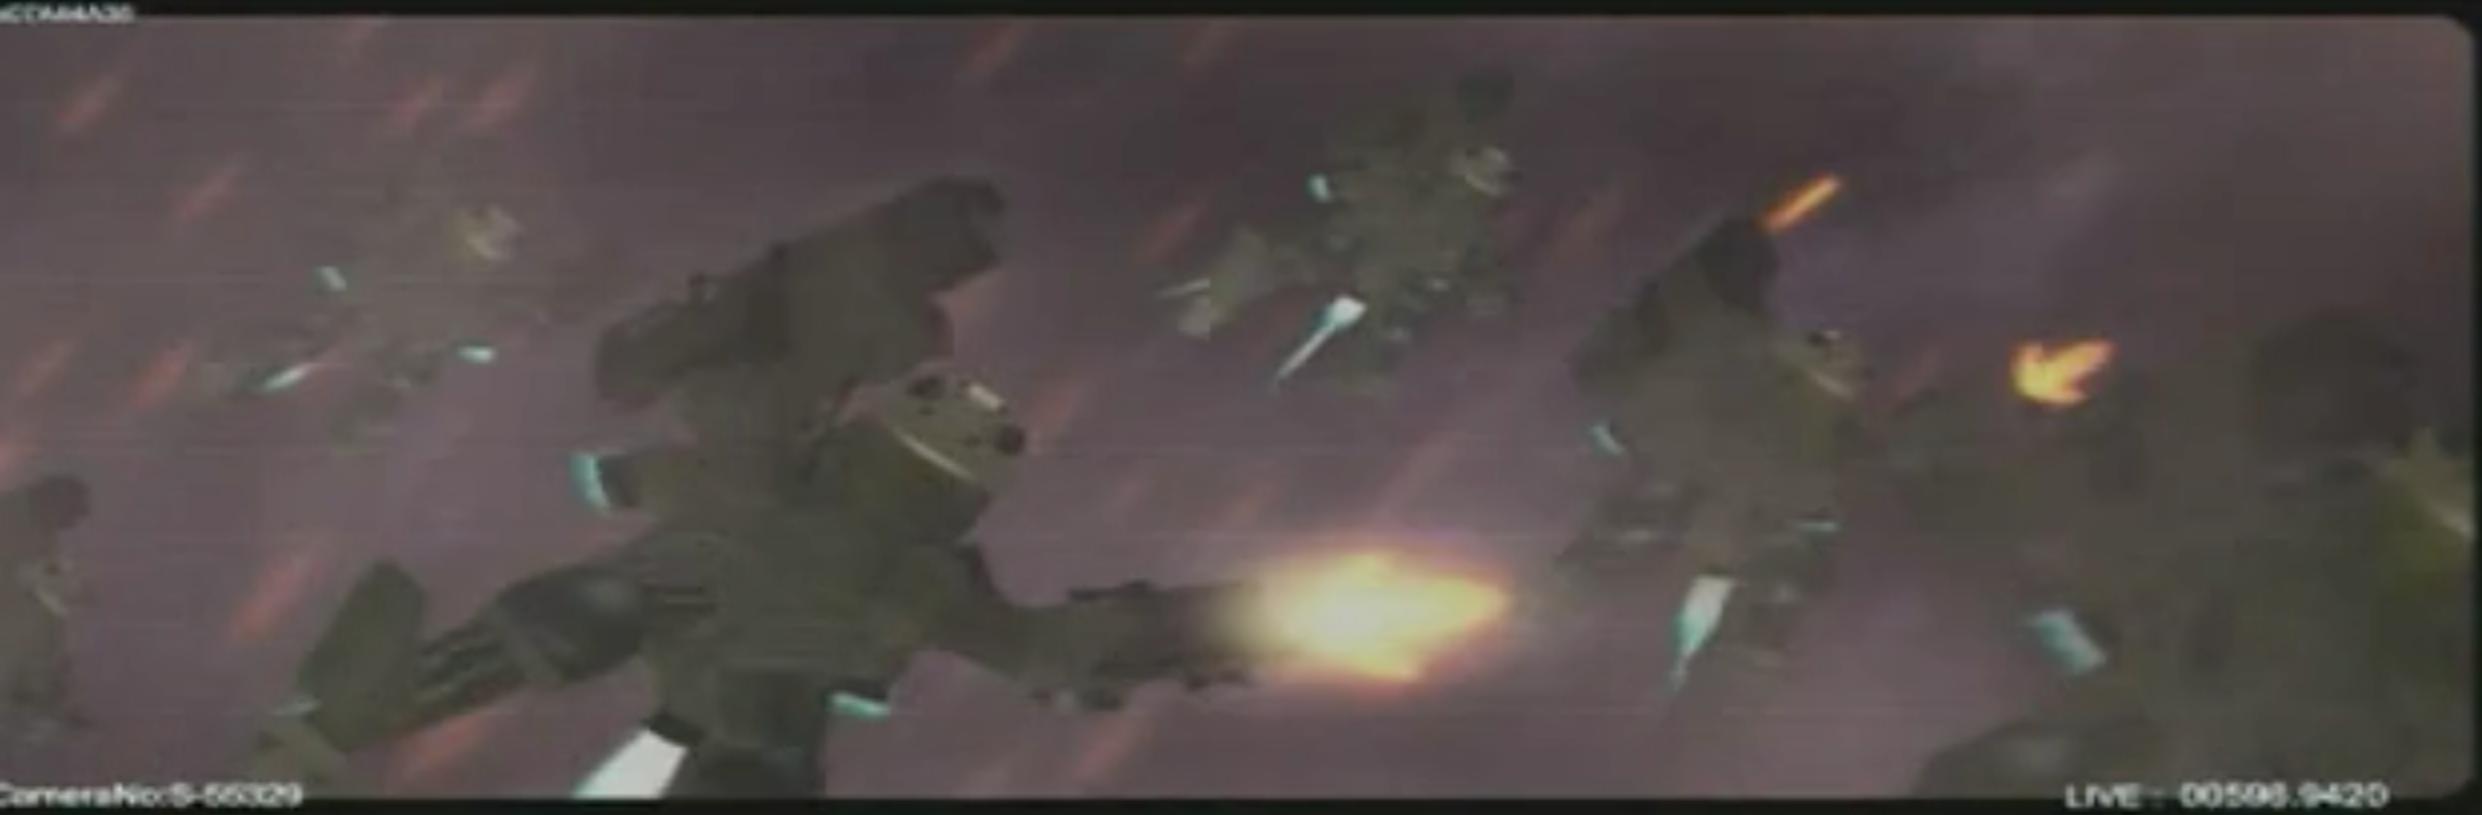 armored personnel unit matrix wiki neo trinity